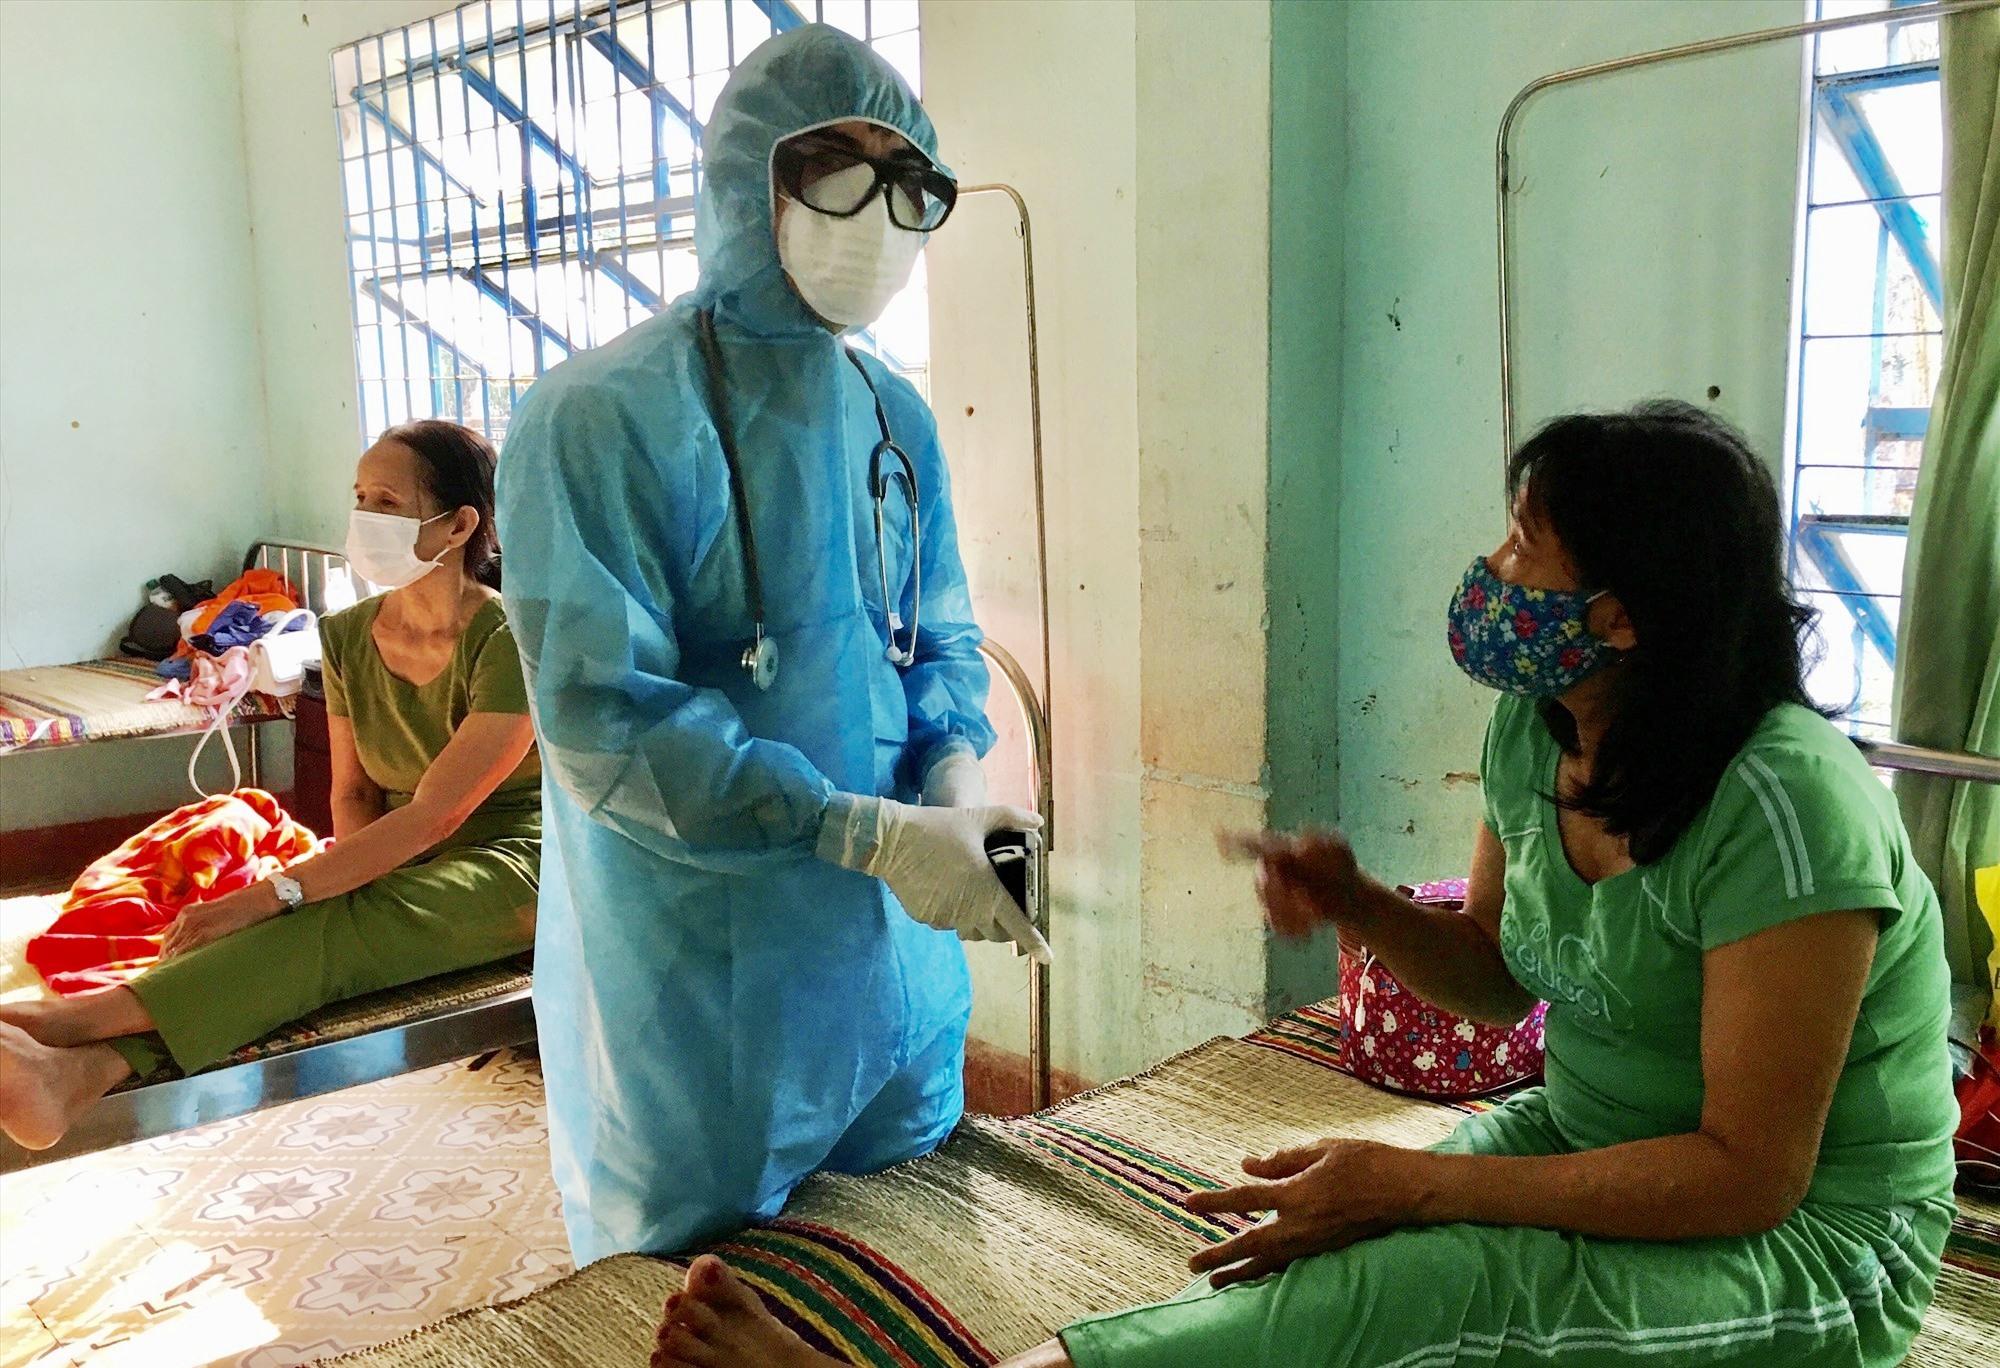 Cán bộ Trung tâm Y tế huyện Phú Ninh thăm hỏi người dân tại khu cách ly tập trung. Ảnh: Đ.C